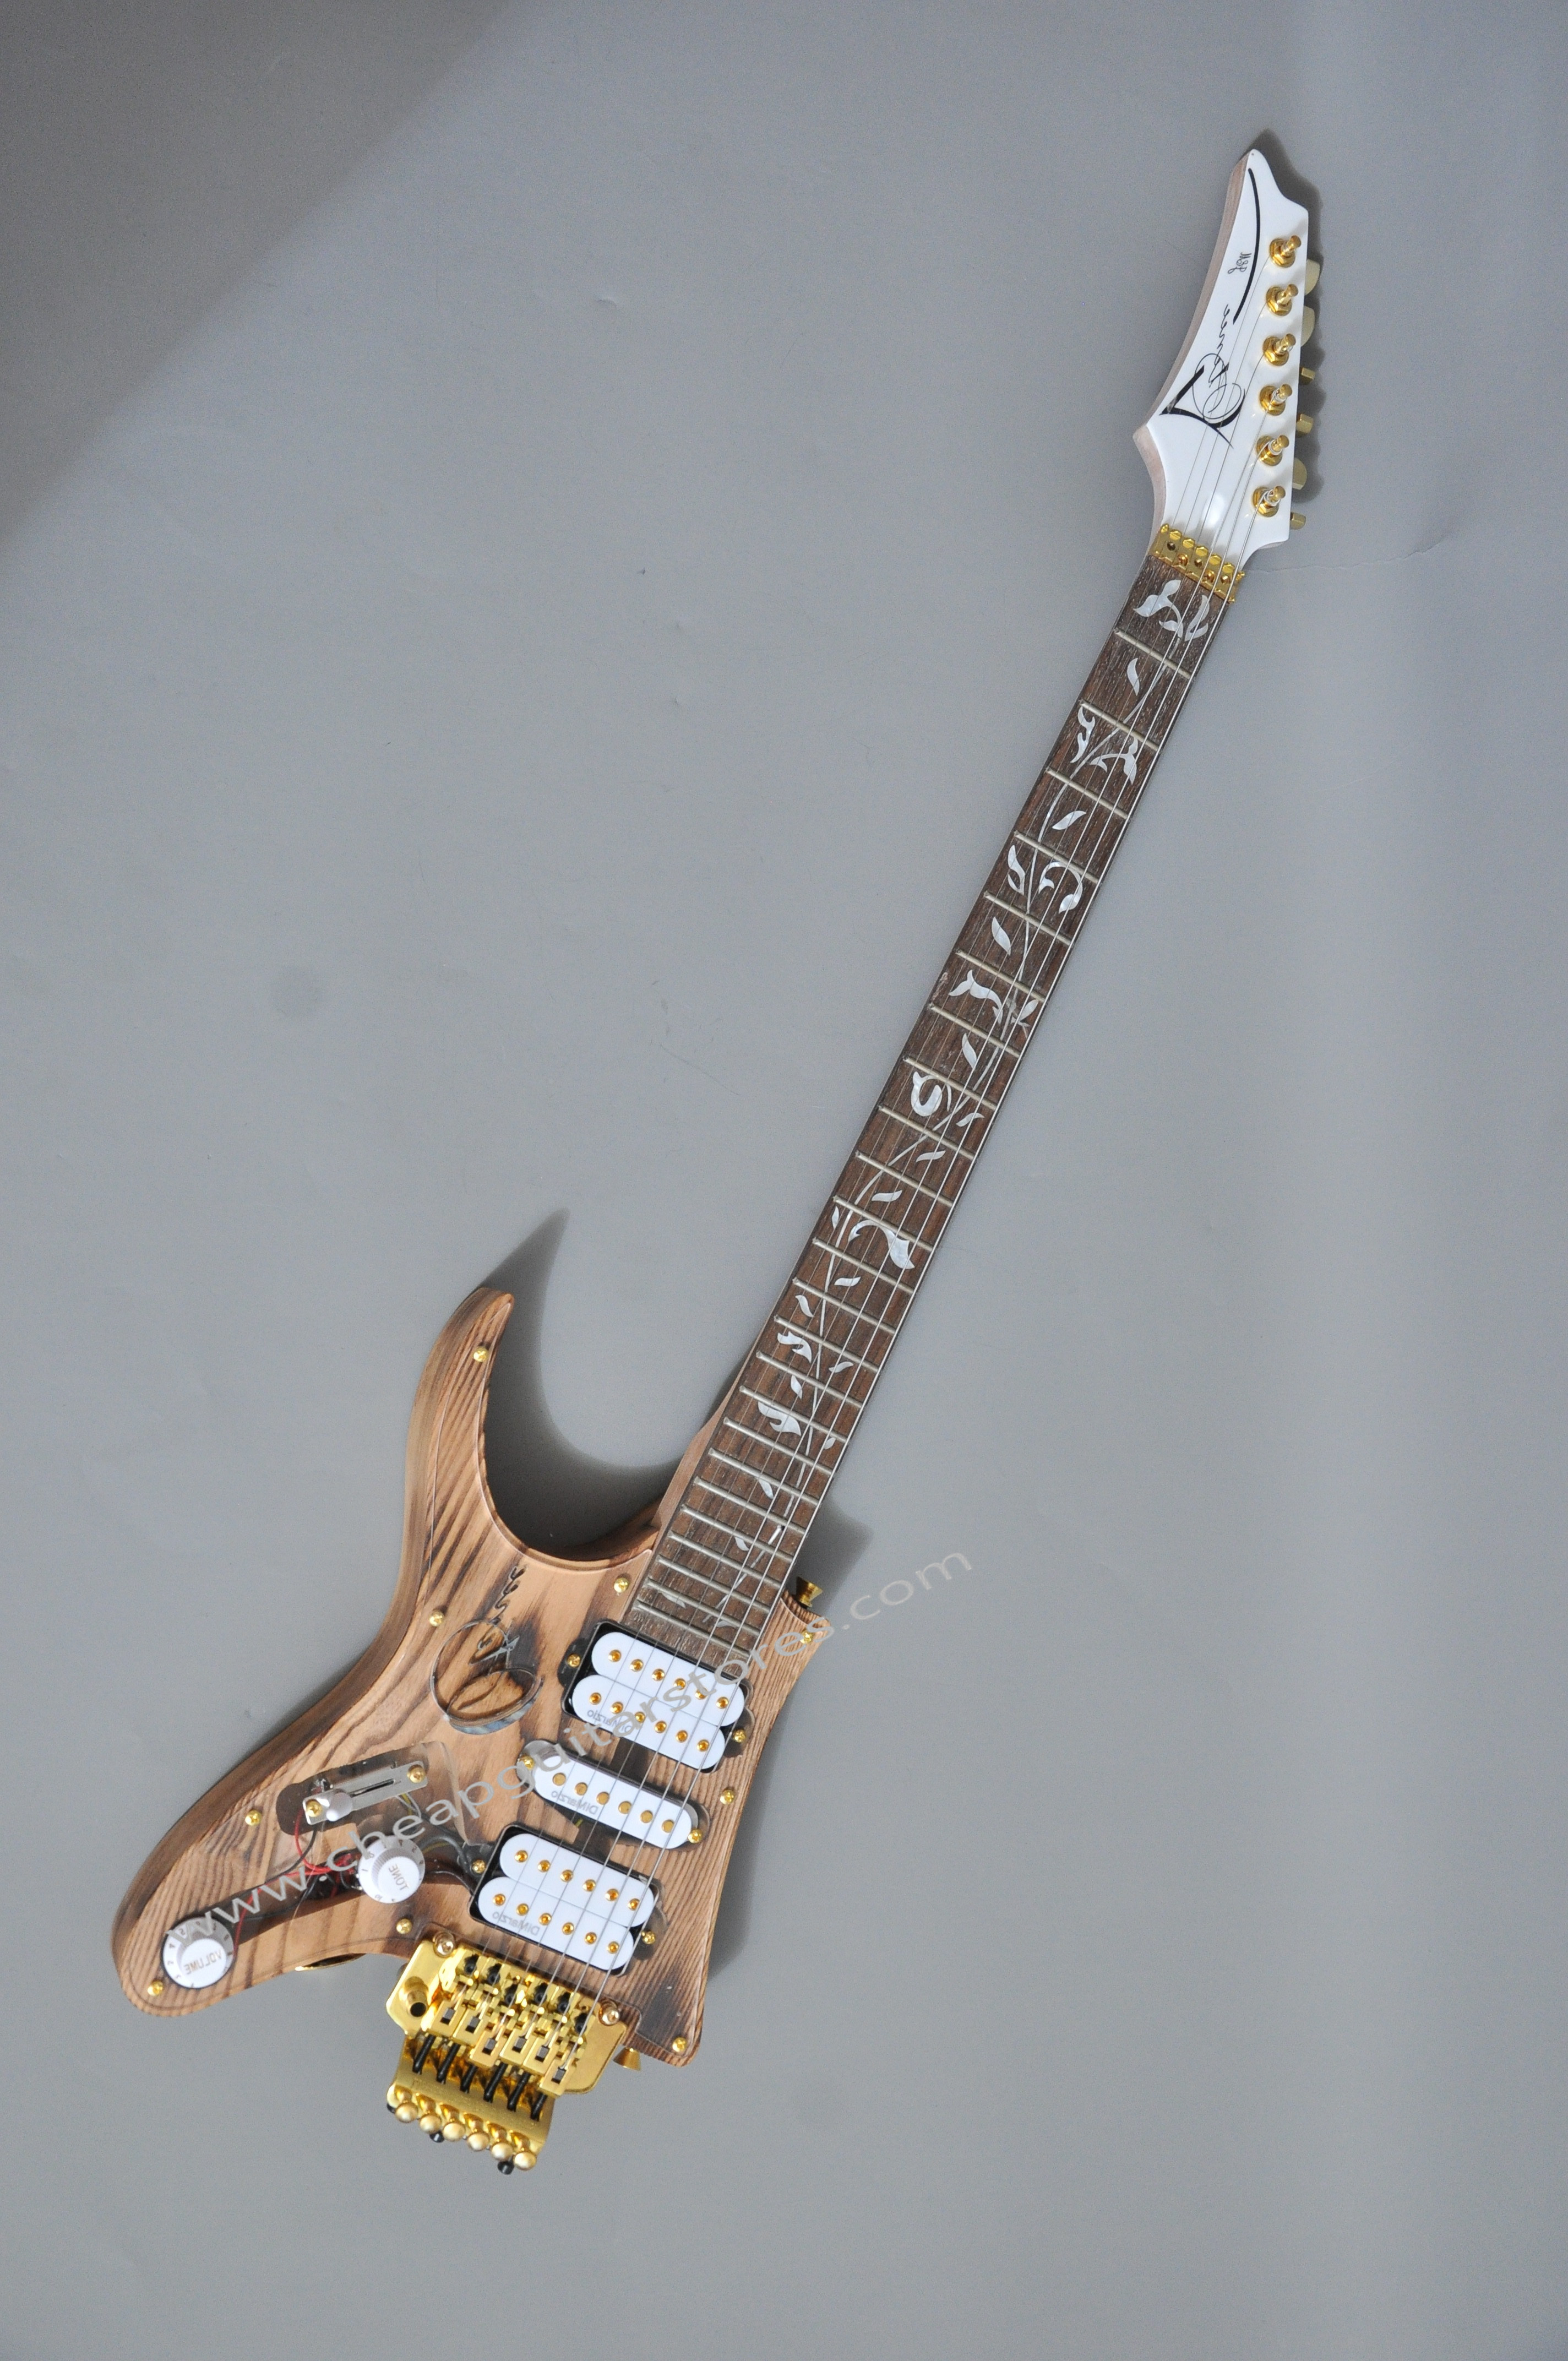 Guitare électrique personnalisée guitare contrabaixo eletrico guitares électriques de haute qualité